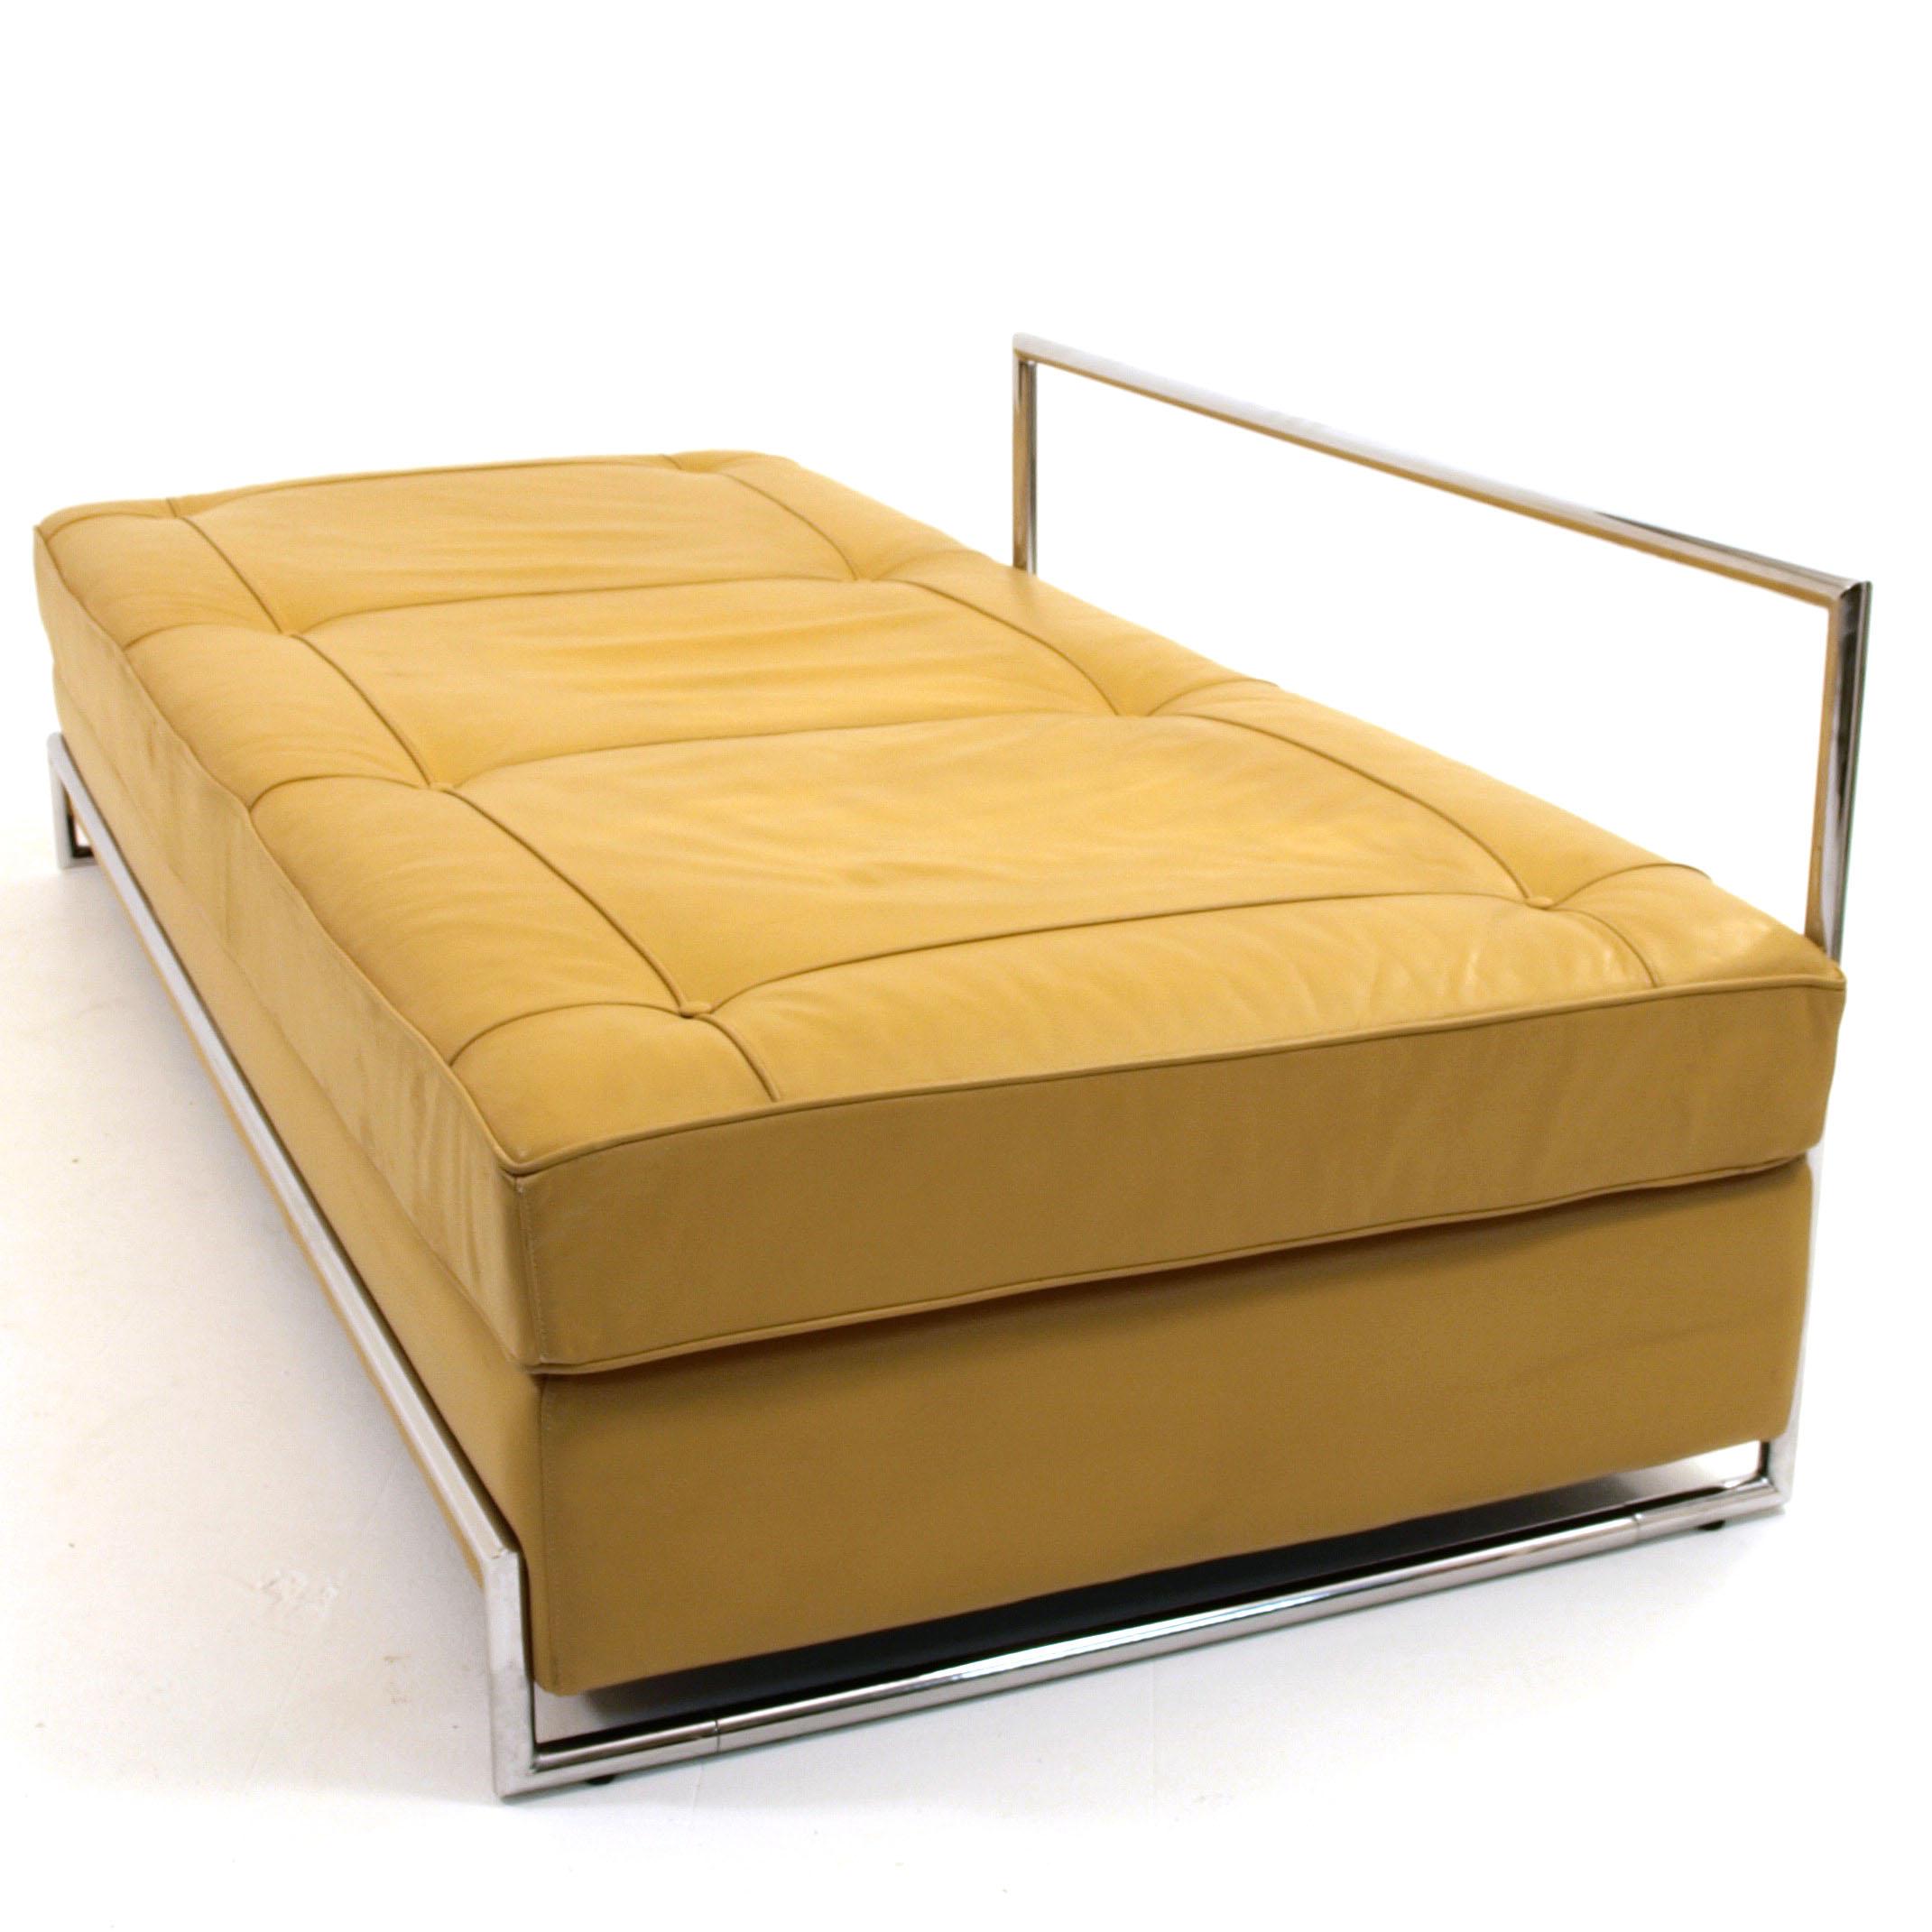 daybed eileen gray m bel z rich vintagem bel. Black Bedroom Furniture Sets. Home Design Ideas